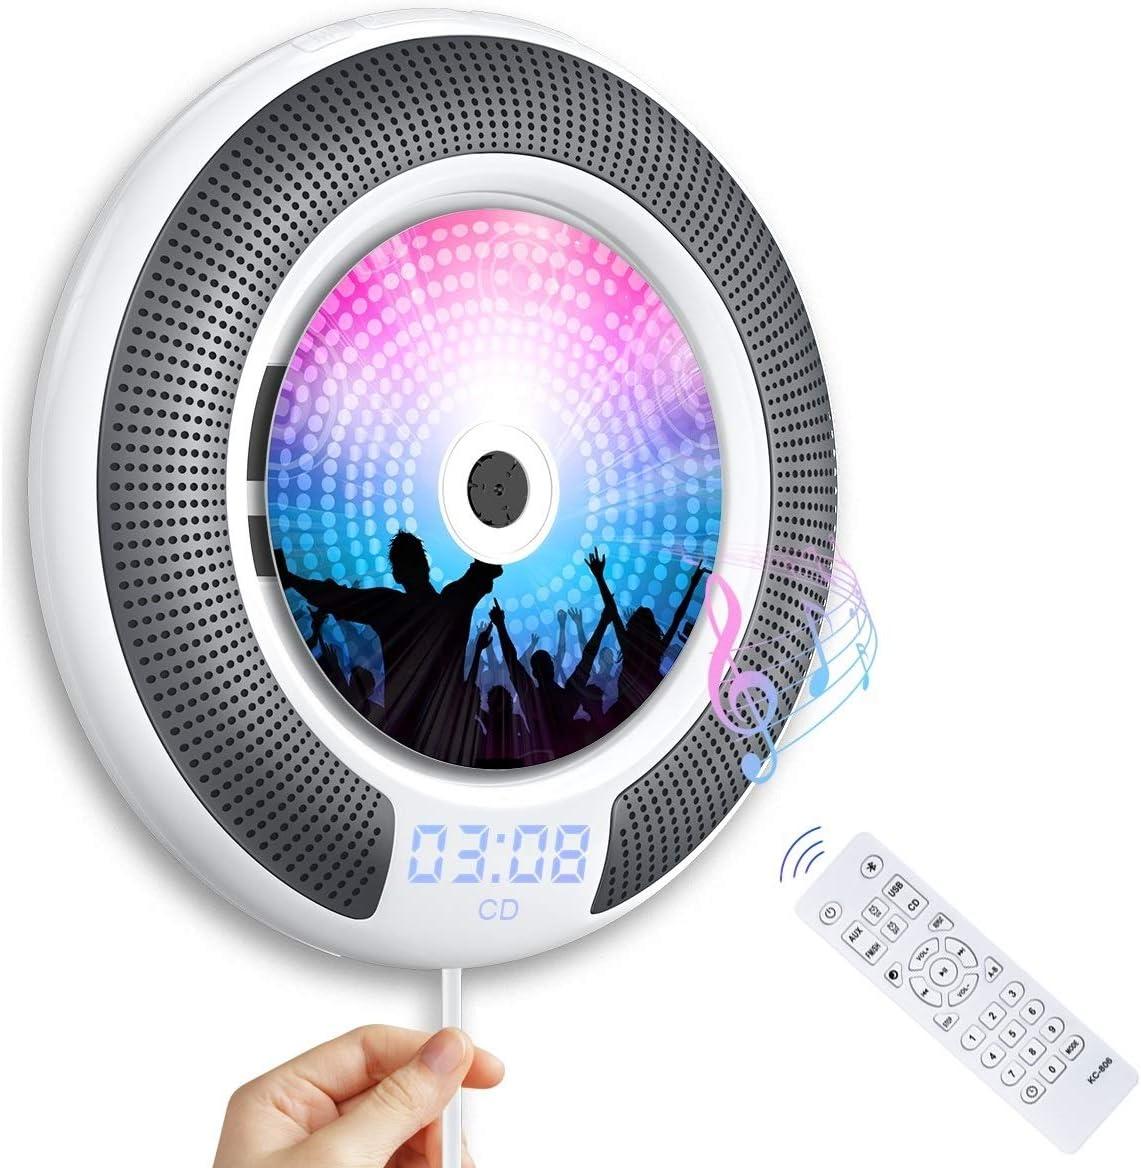 Gueray Reproductor CD Bluetooth con Control Remoto Radio FM Altavoces incorporados Conector de Auriculares Altavoz HiFi FM Salida de Entrada USB/AUX incorporada